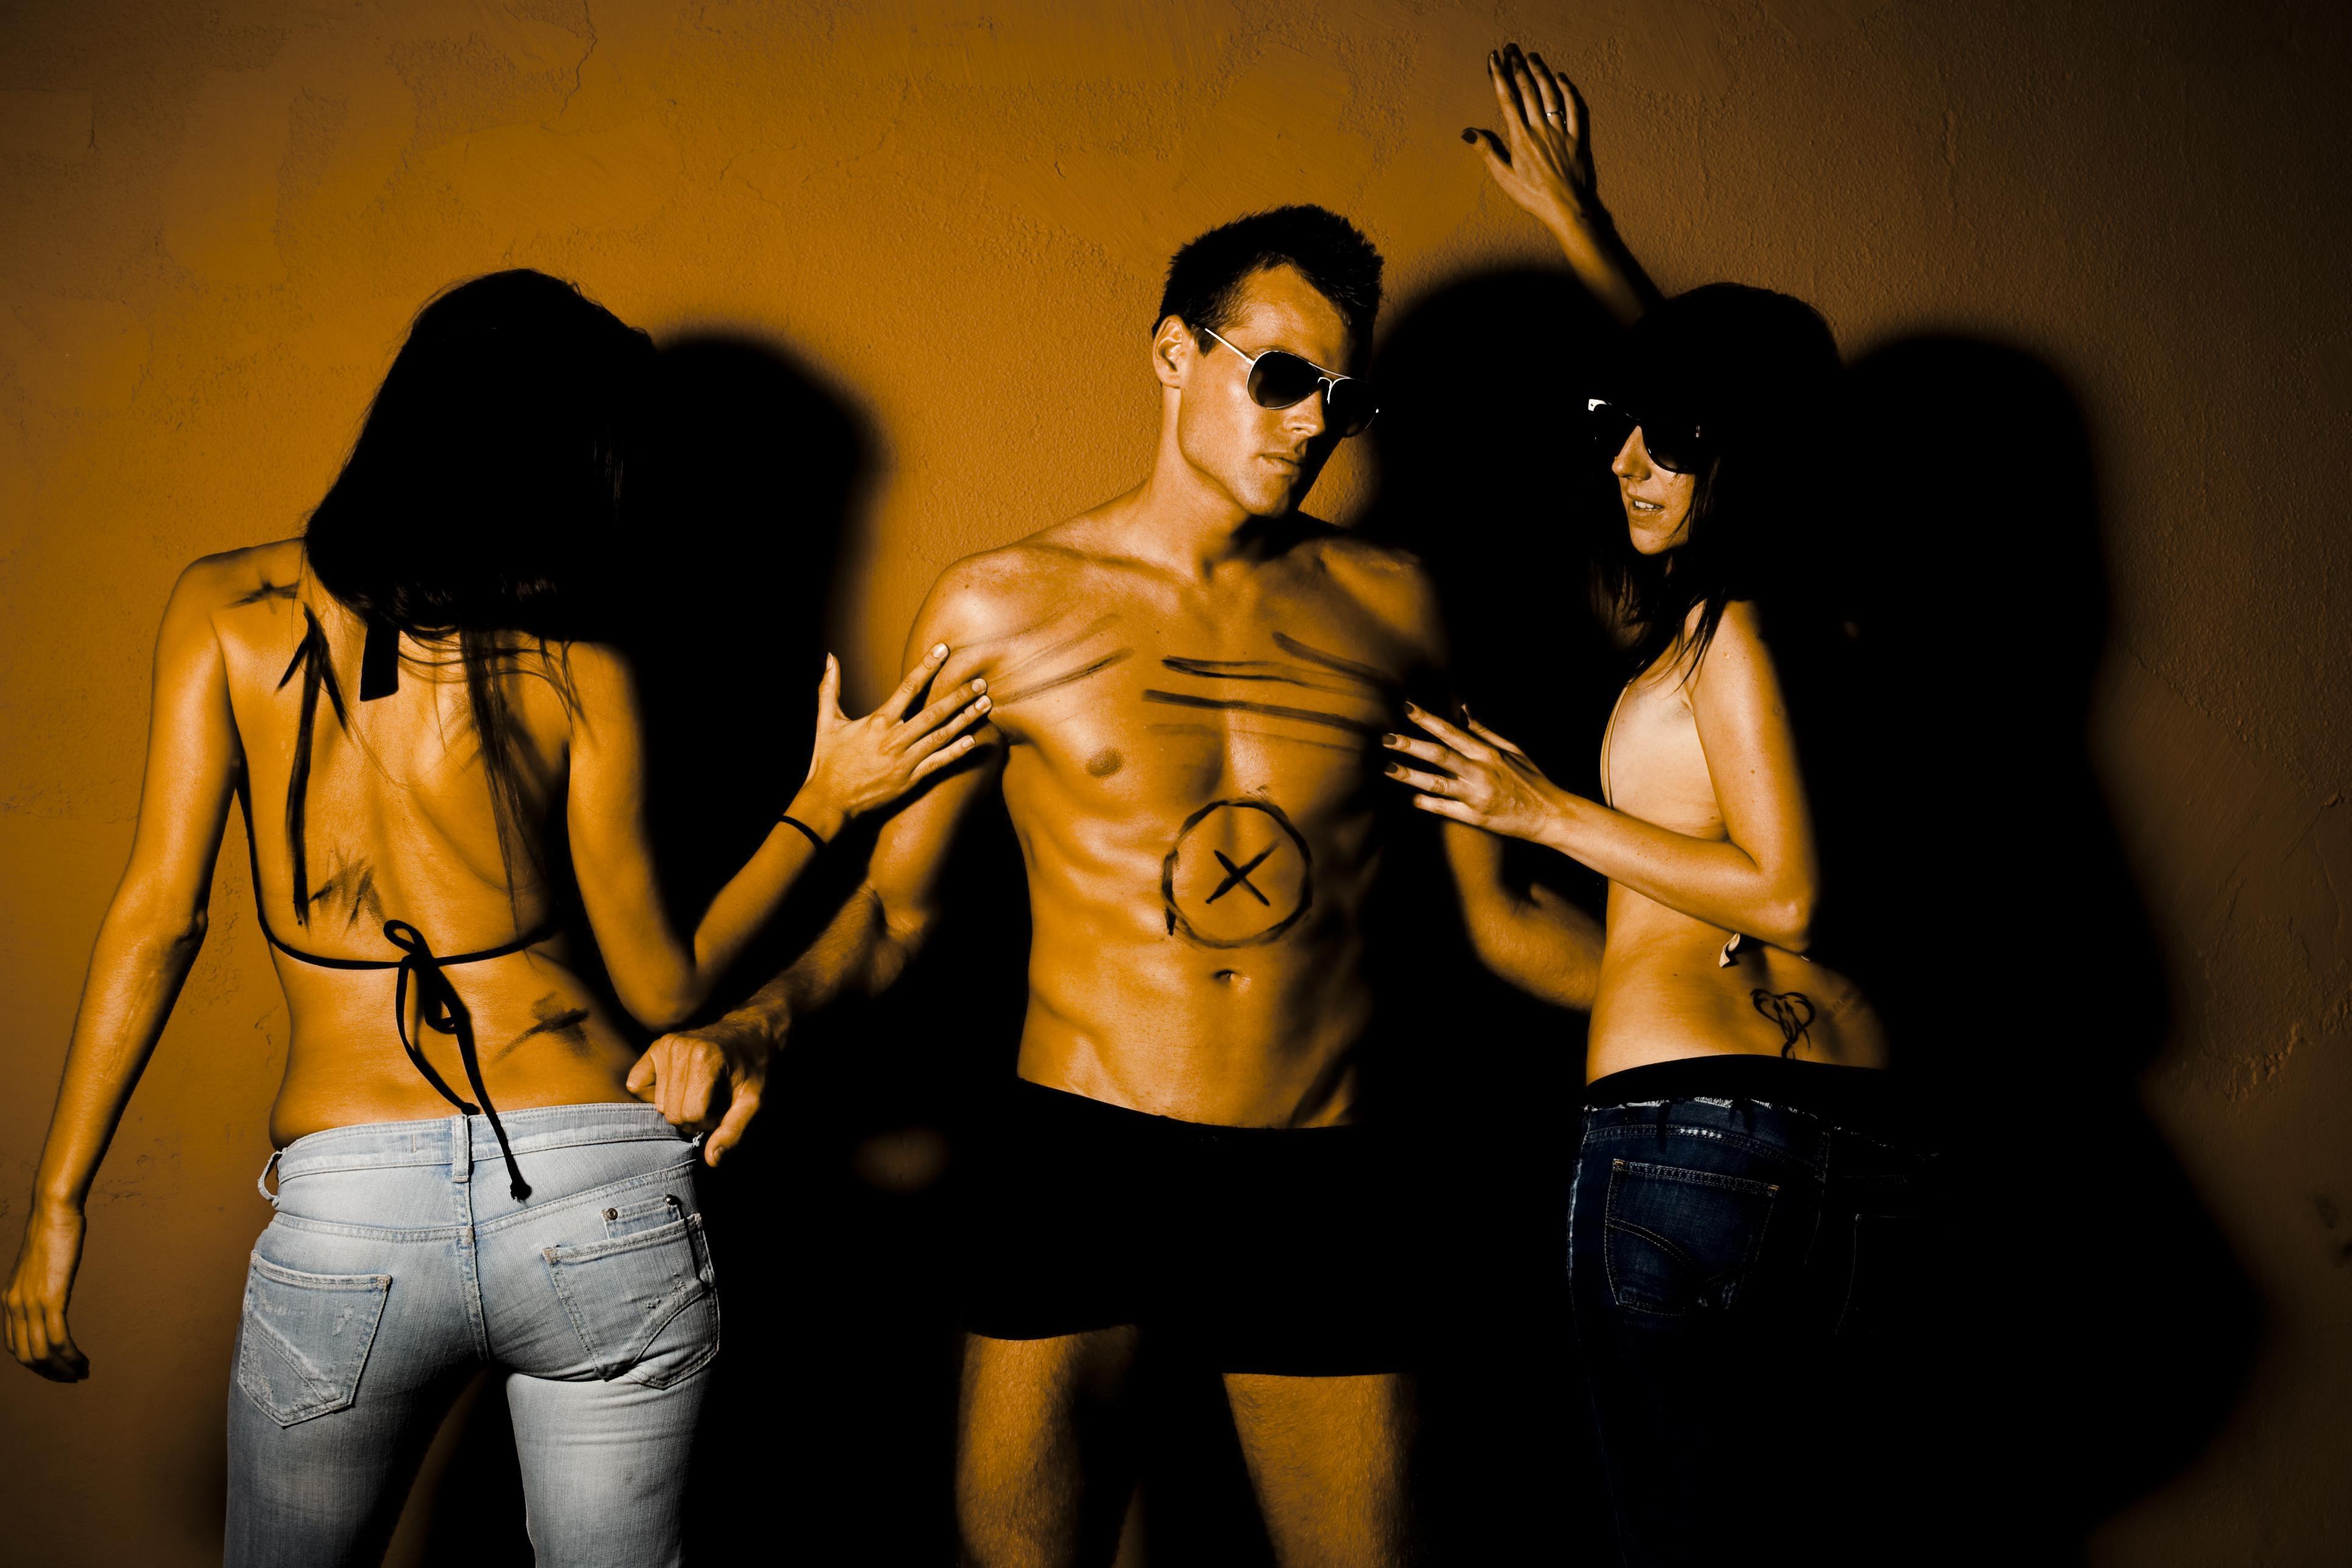 Czy uprawianie seksu z mamą jest złe?